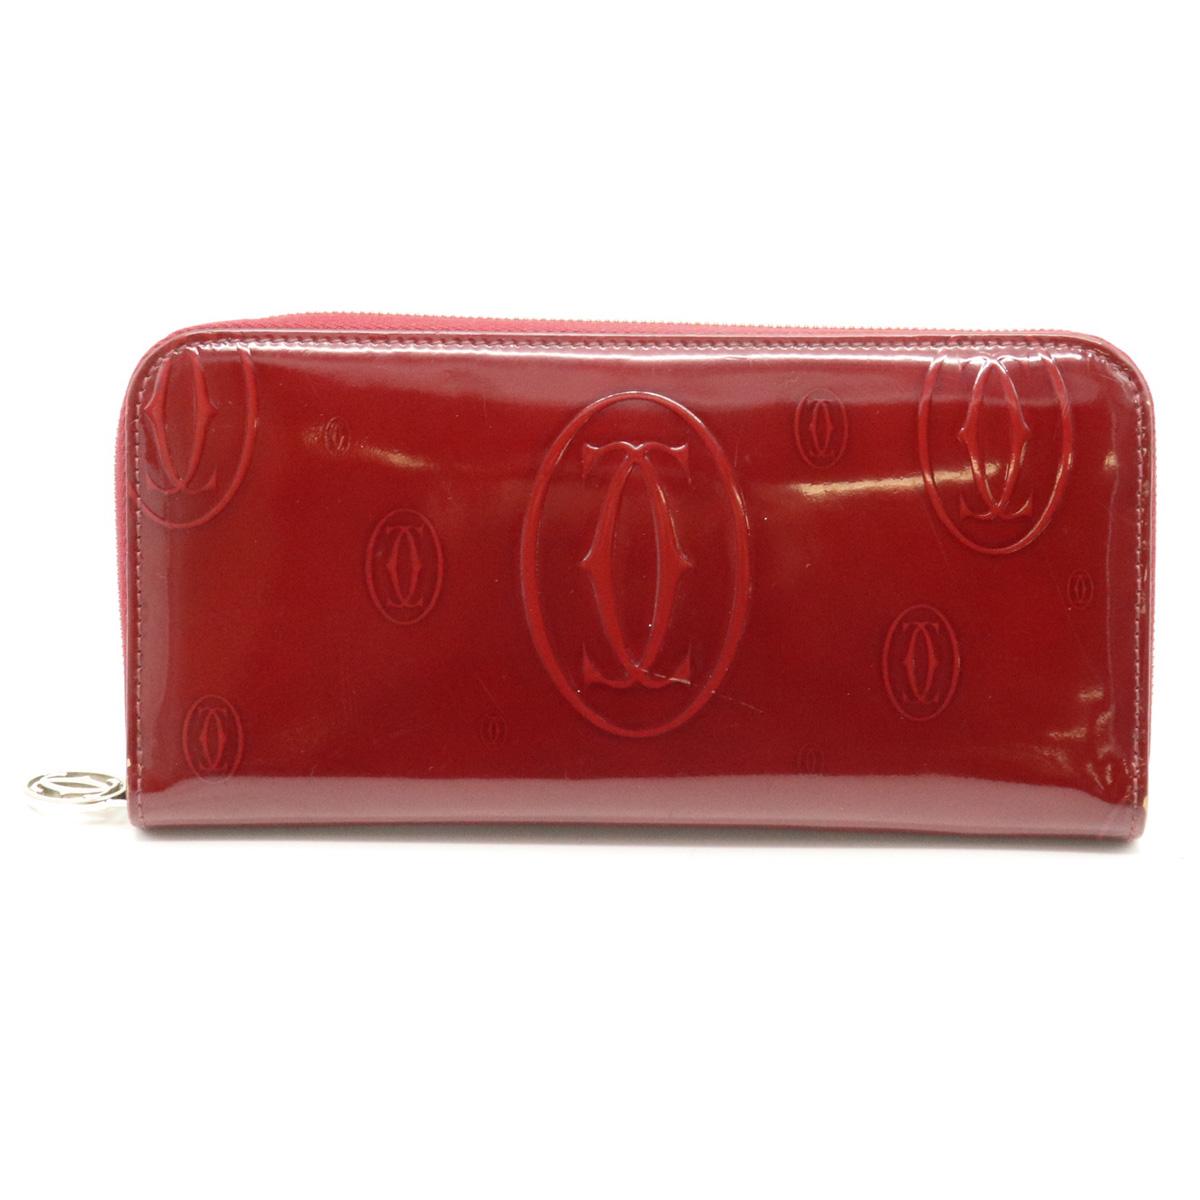 【財布】Cartier カルティエ ハッピーバースデー ハッピーバースデイ ラウンドファスナー長財布 エナメル レザー ボルドー 赤 L3001283 【中古】